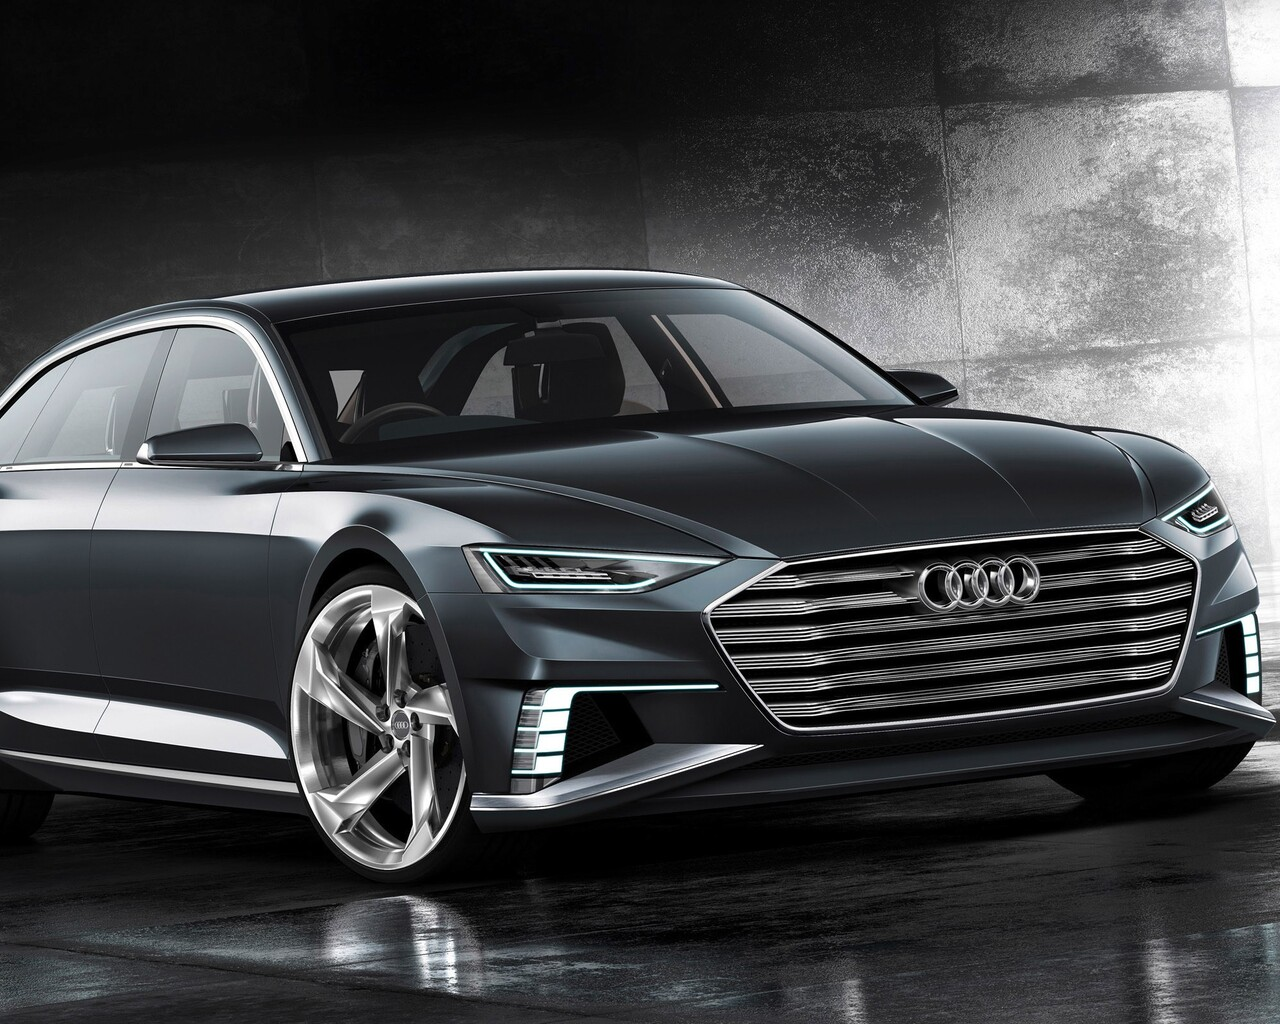 1280x1024 Audi Prologue Avant Concept Car 1280x1024 ...